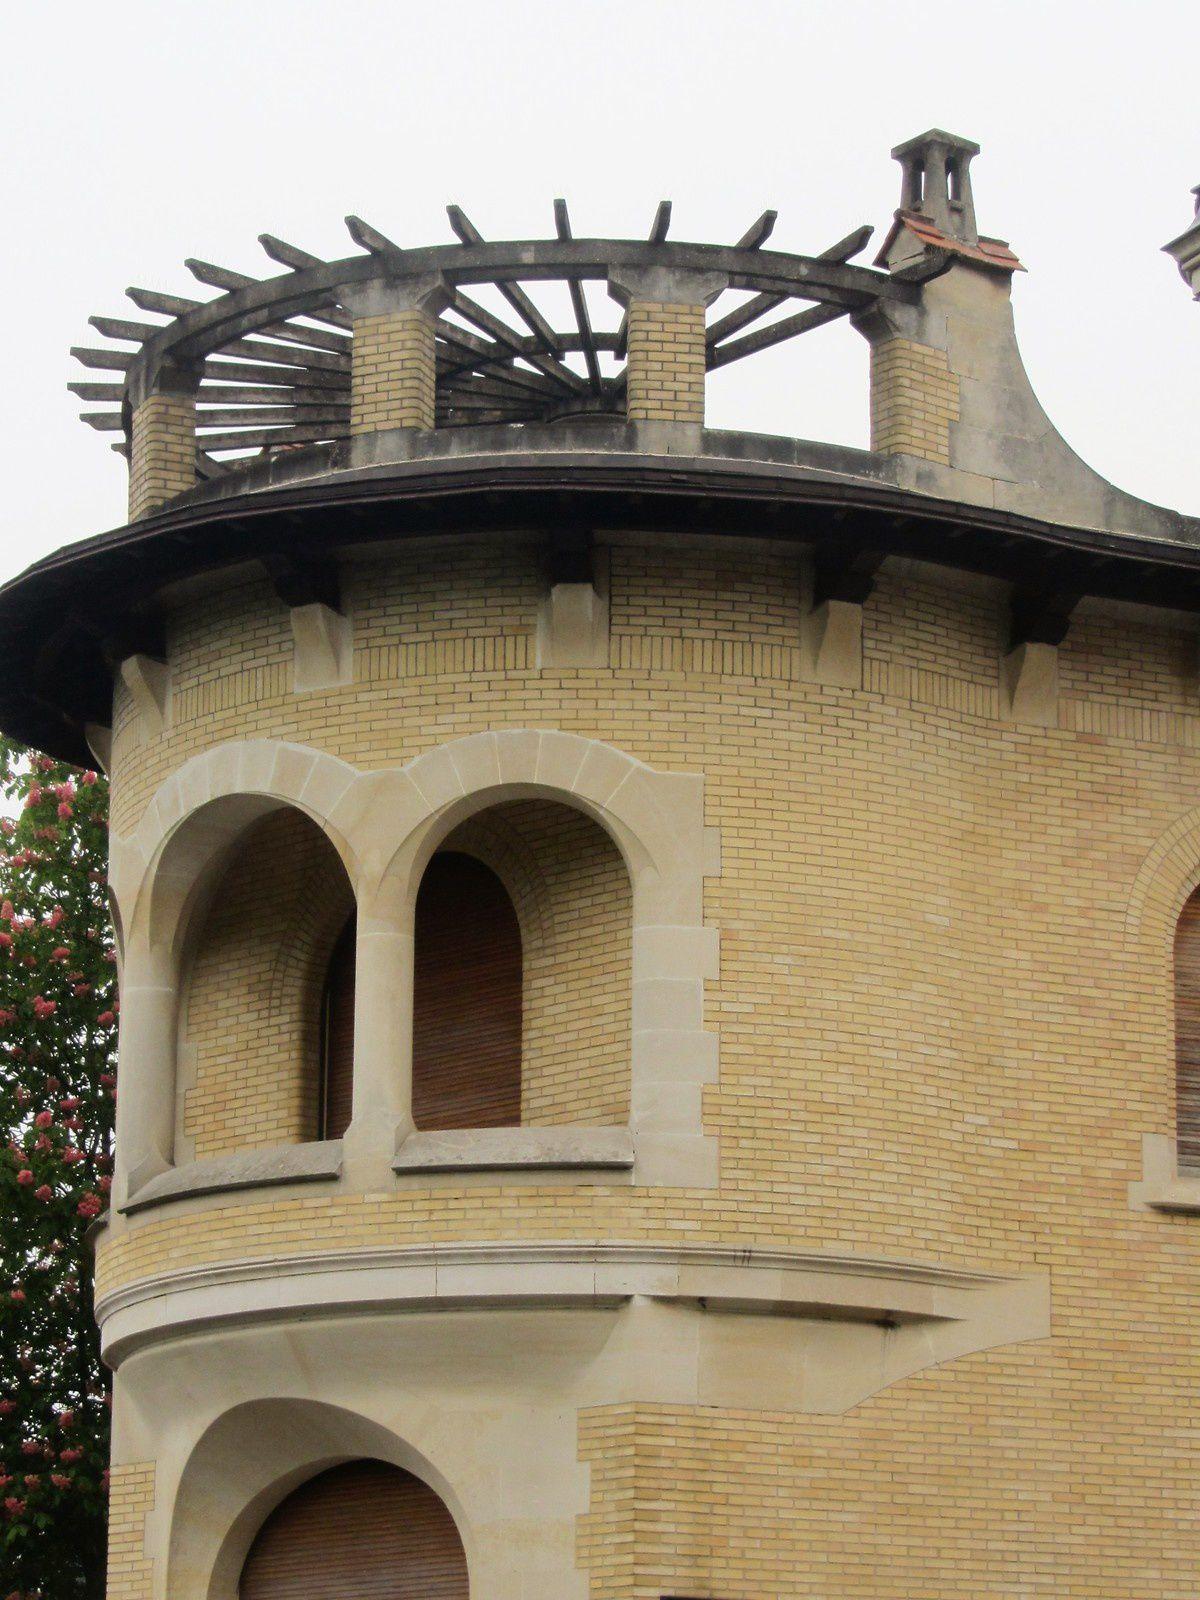 A  l'angle de la rue et face à l'entrée principale, cette villa plus récente, avec sa terrasse circulaire pour une vue sans doute sans pareille.